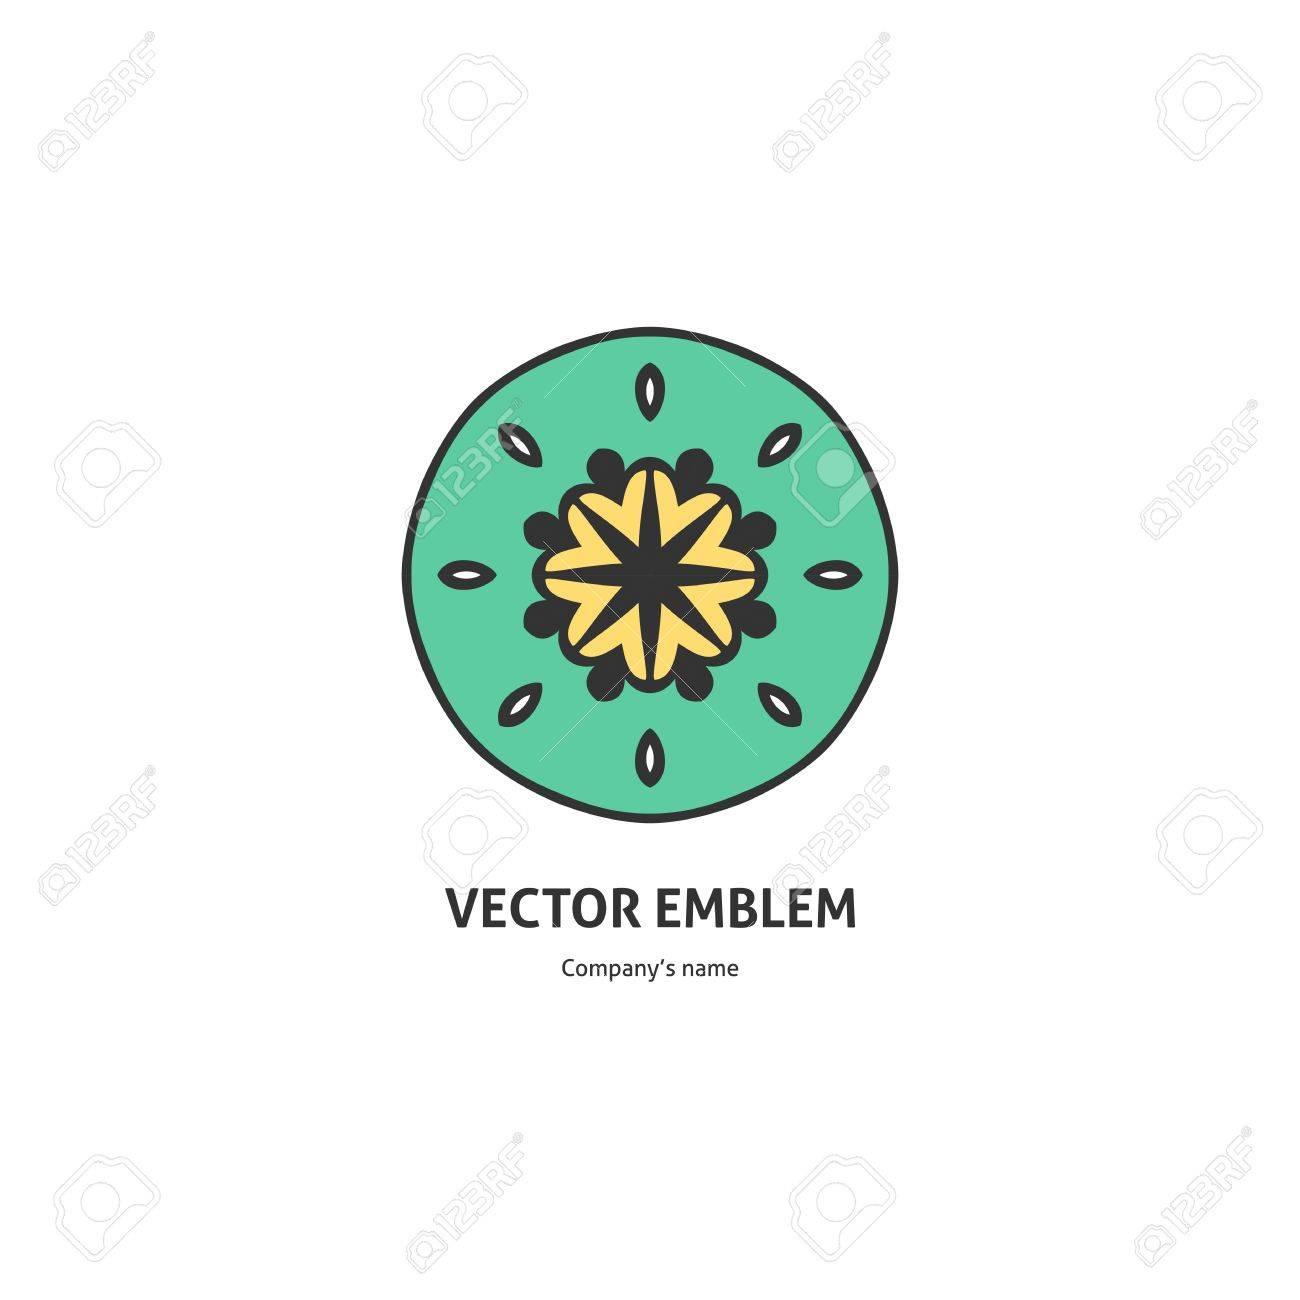 Logotipo Para El Estudio De Yoga, Fitness. Plantilla De Diseño De ...